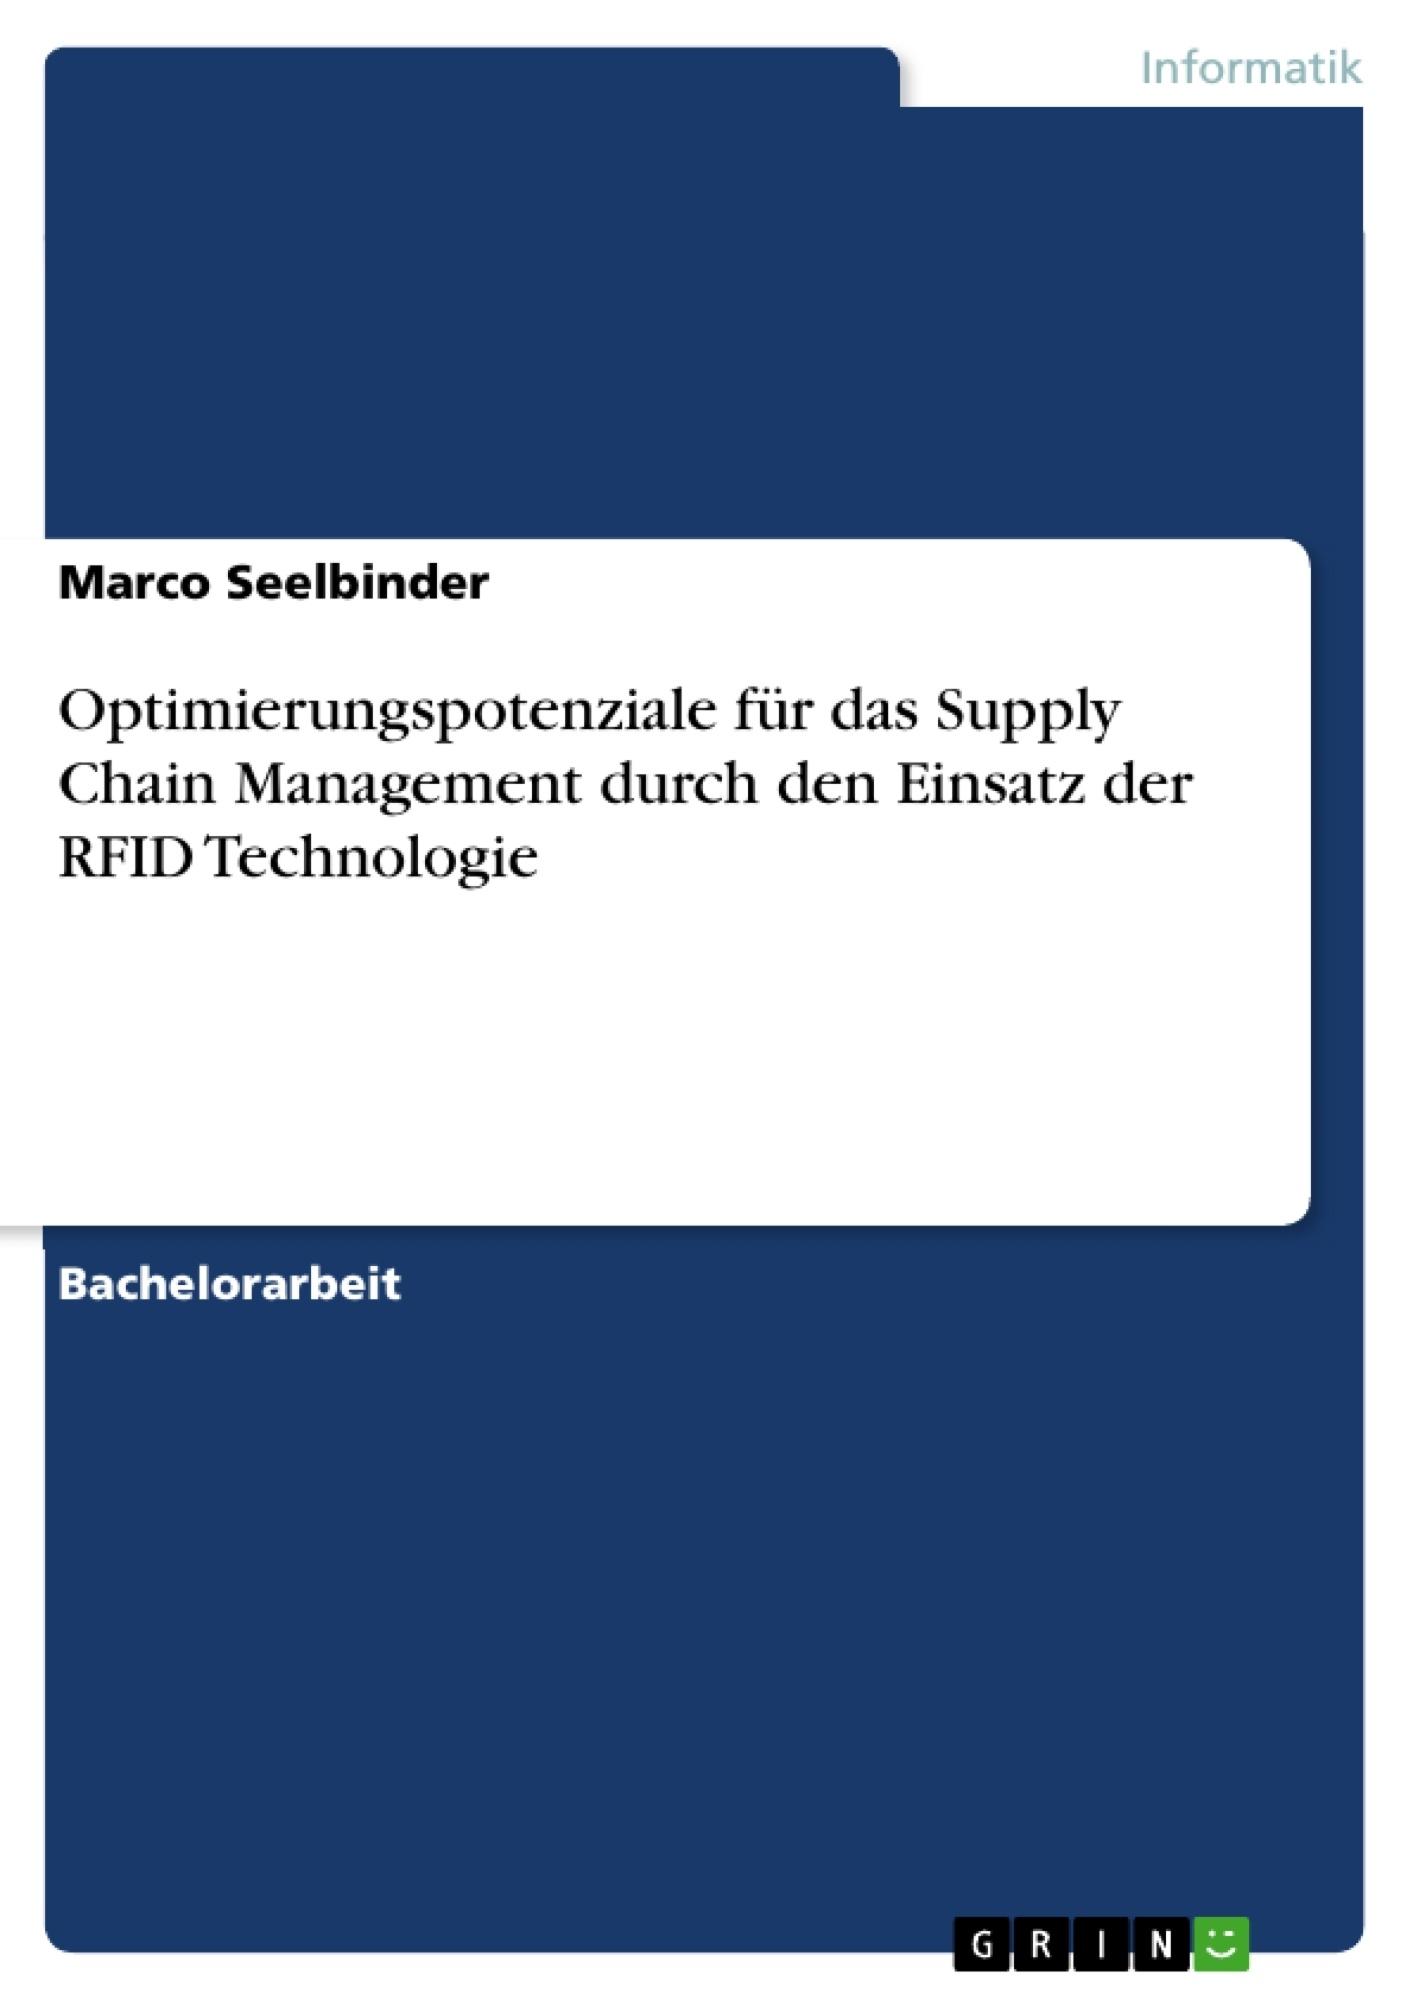 Titel: Optimierungspotenziale für das Supply Chain Management durch den Einsatz der RFID Technologie